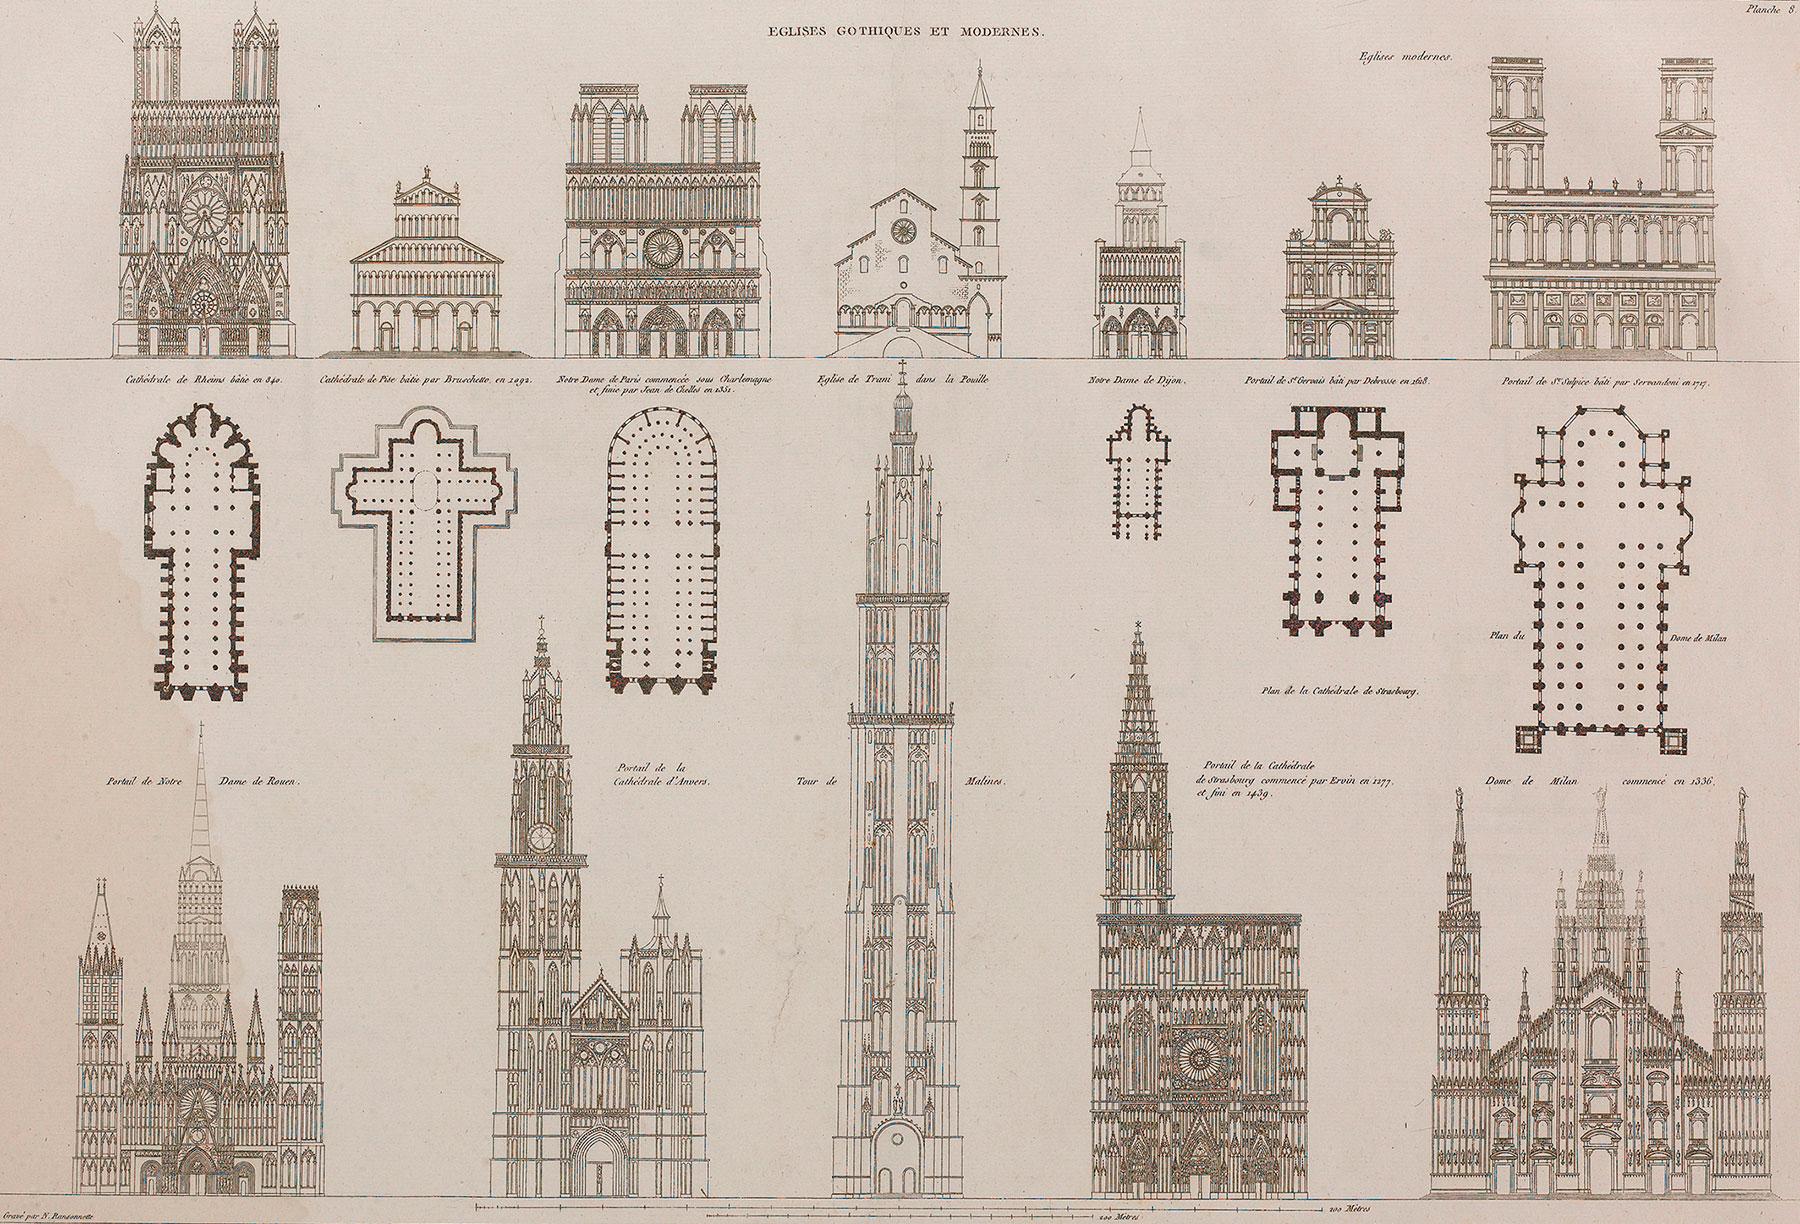 Recueil et parallèle des édifices de tout genre anciens et modernes